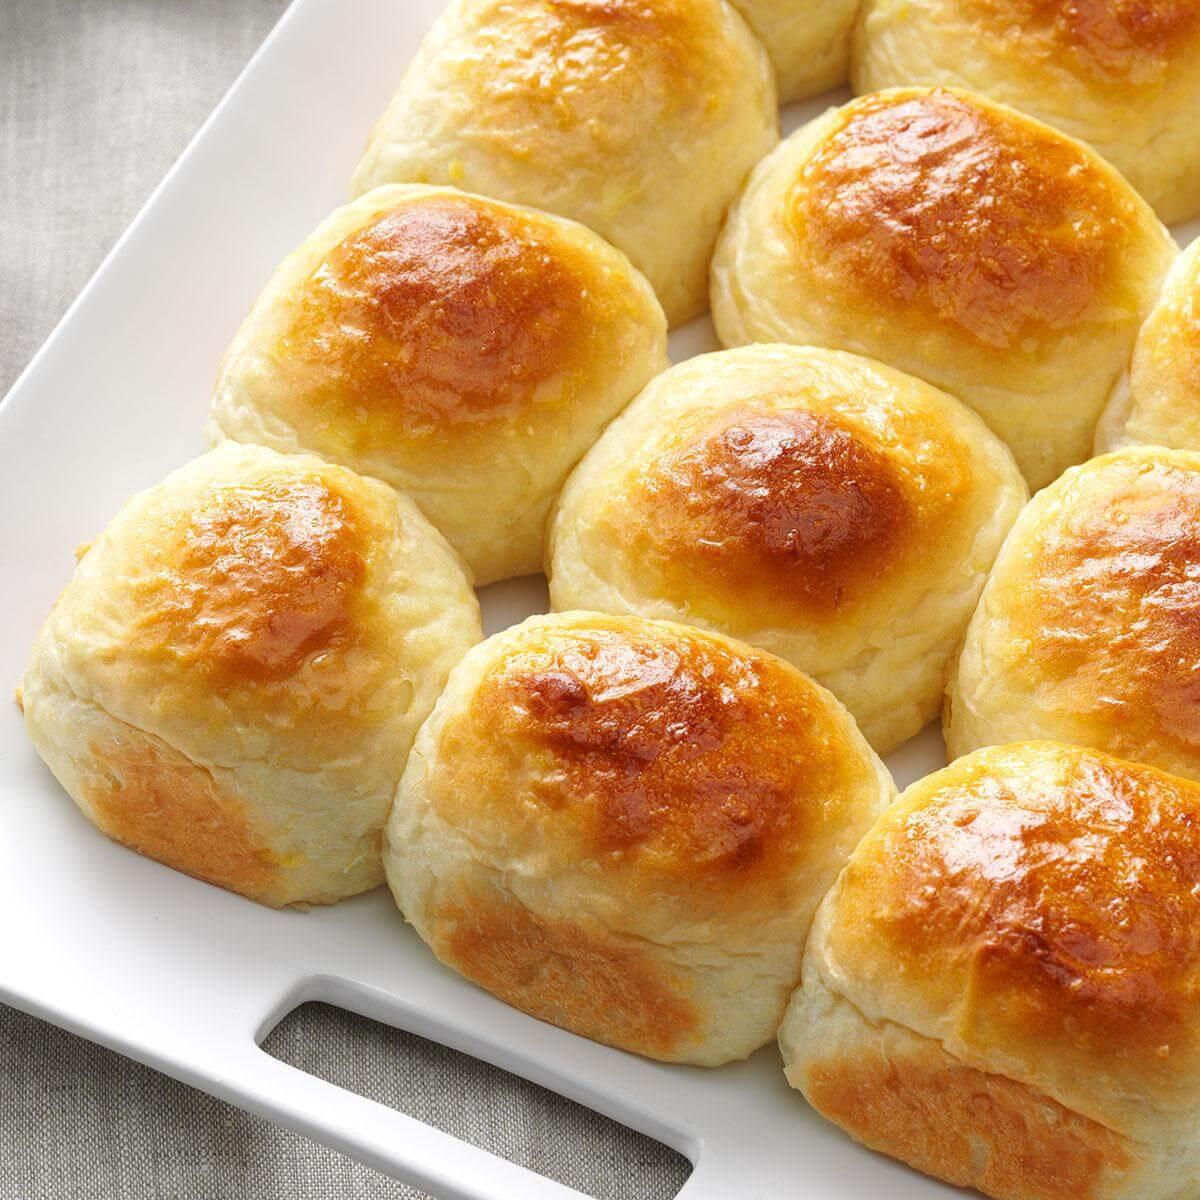 نان صبحانه به همراه تمام نکات و فوتهای کوزهگری